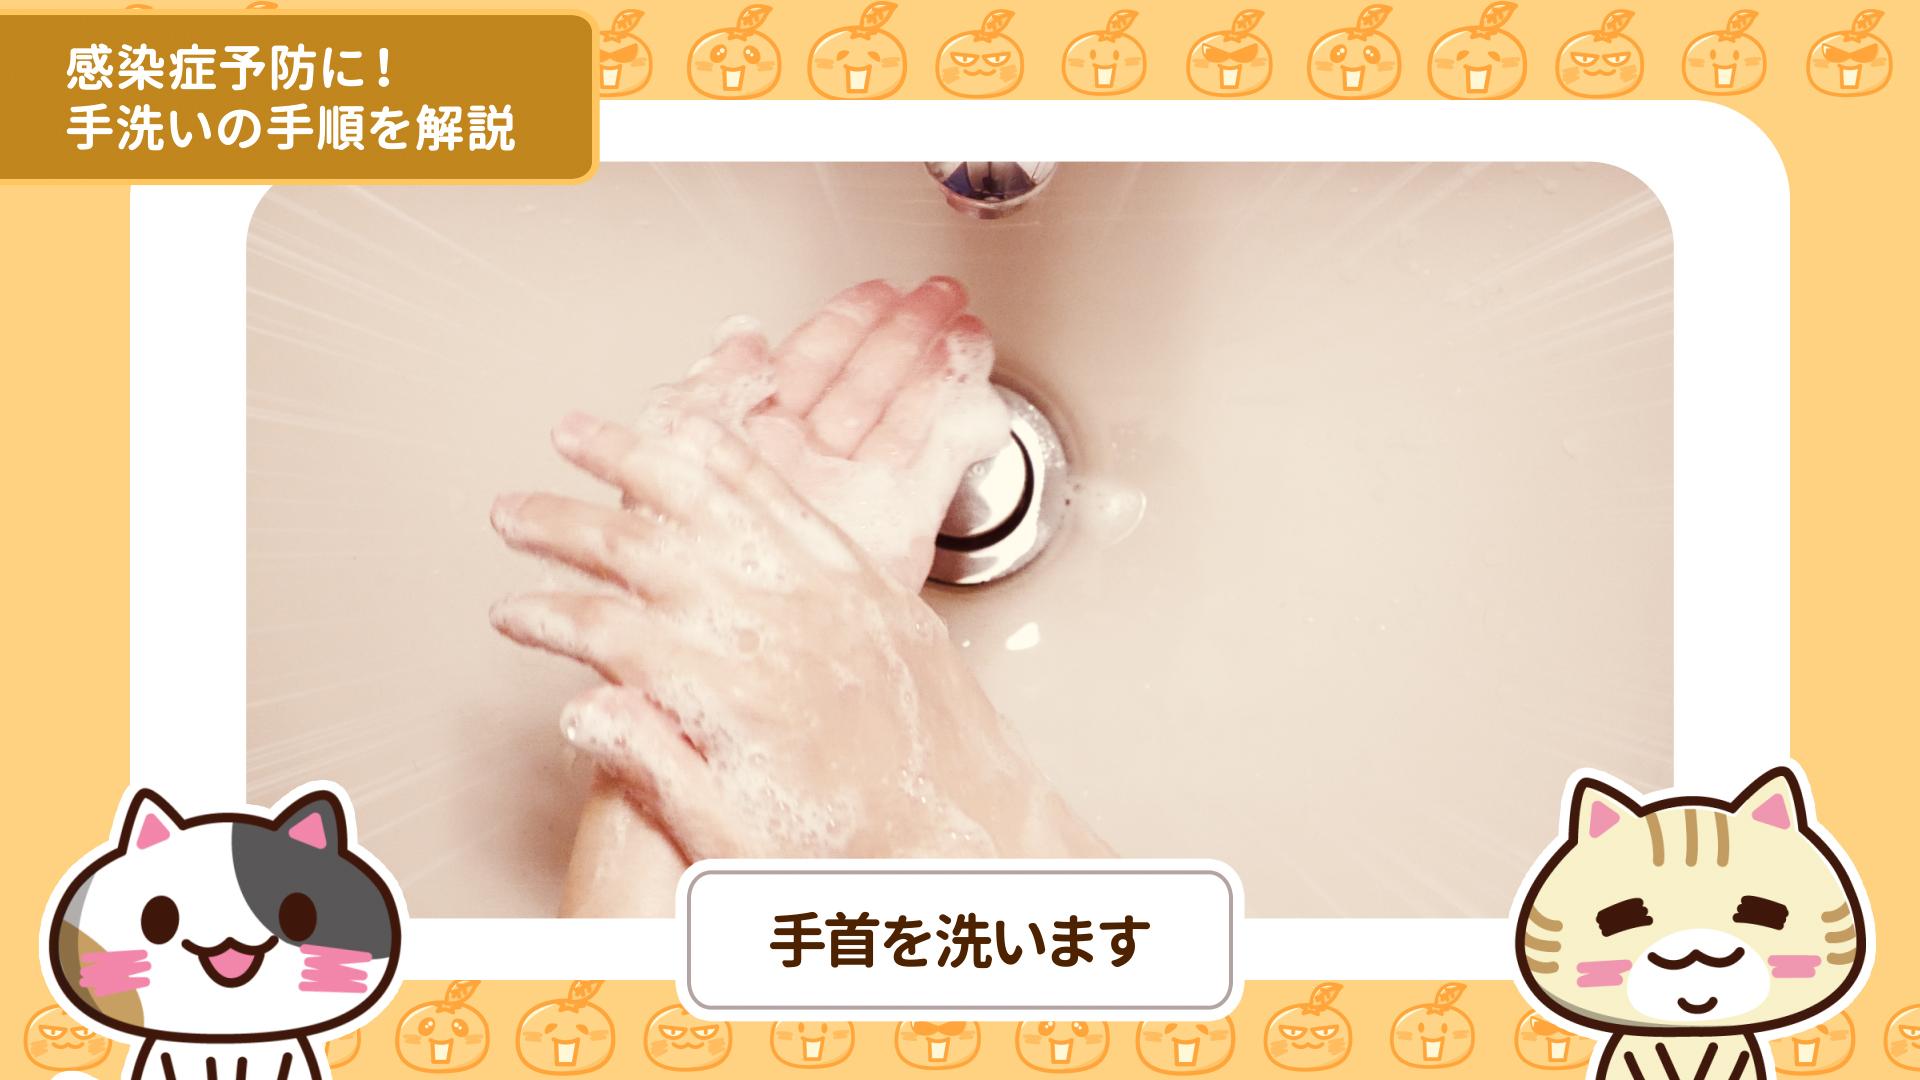 手首を洗うのイメージ